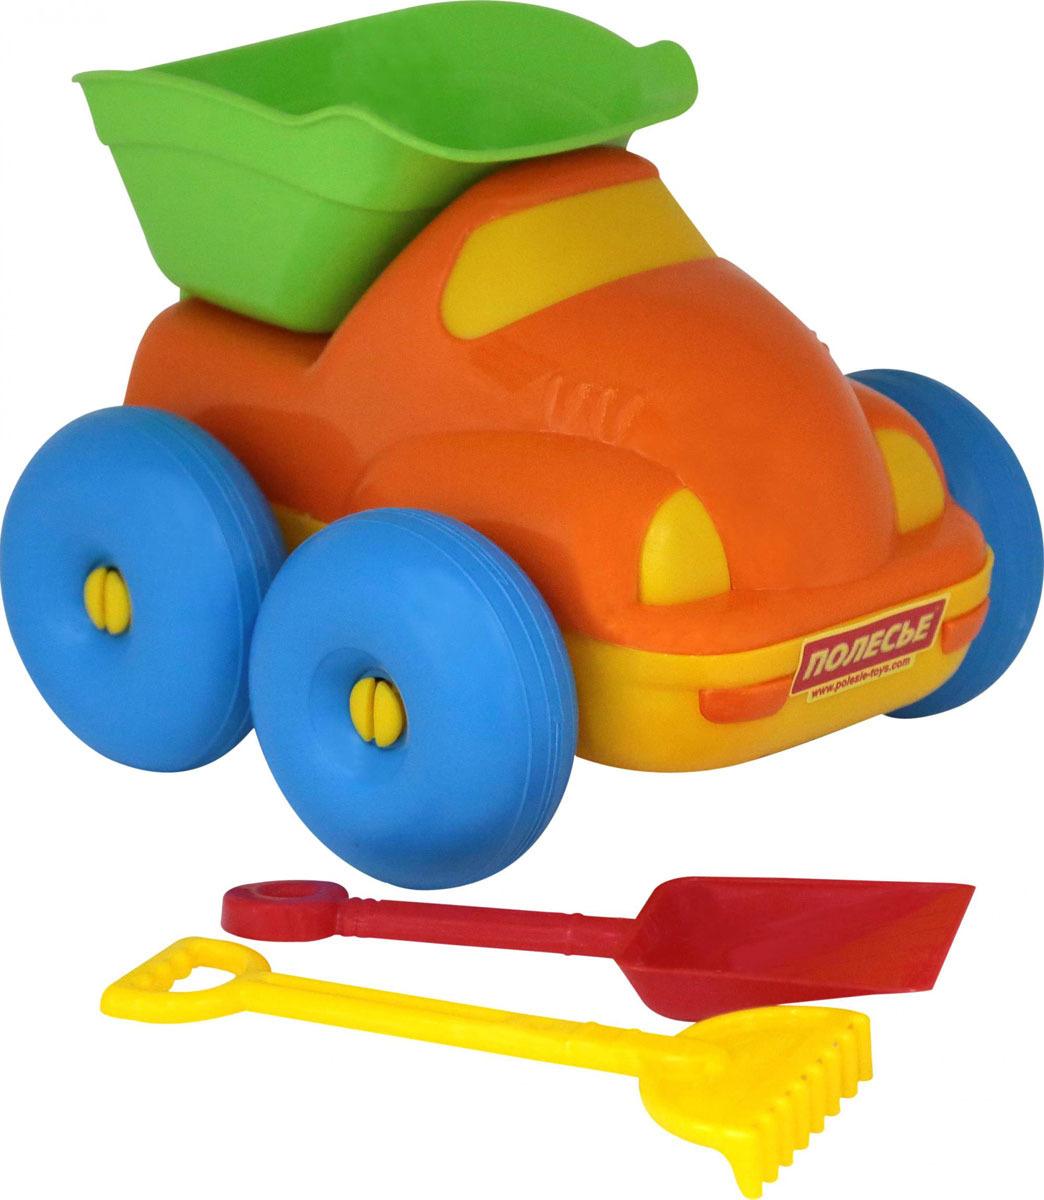 Фото - Набор для песочницы Полесье, 3 предмета, цвет в ассортименте полесье набор игрушек для песочницы 468 цвет в ассортименте